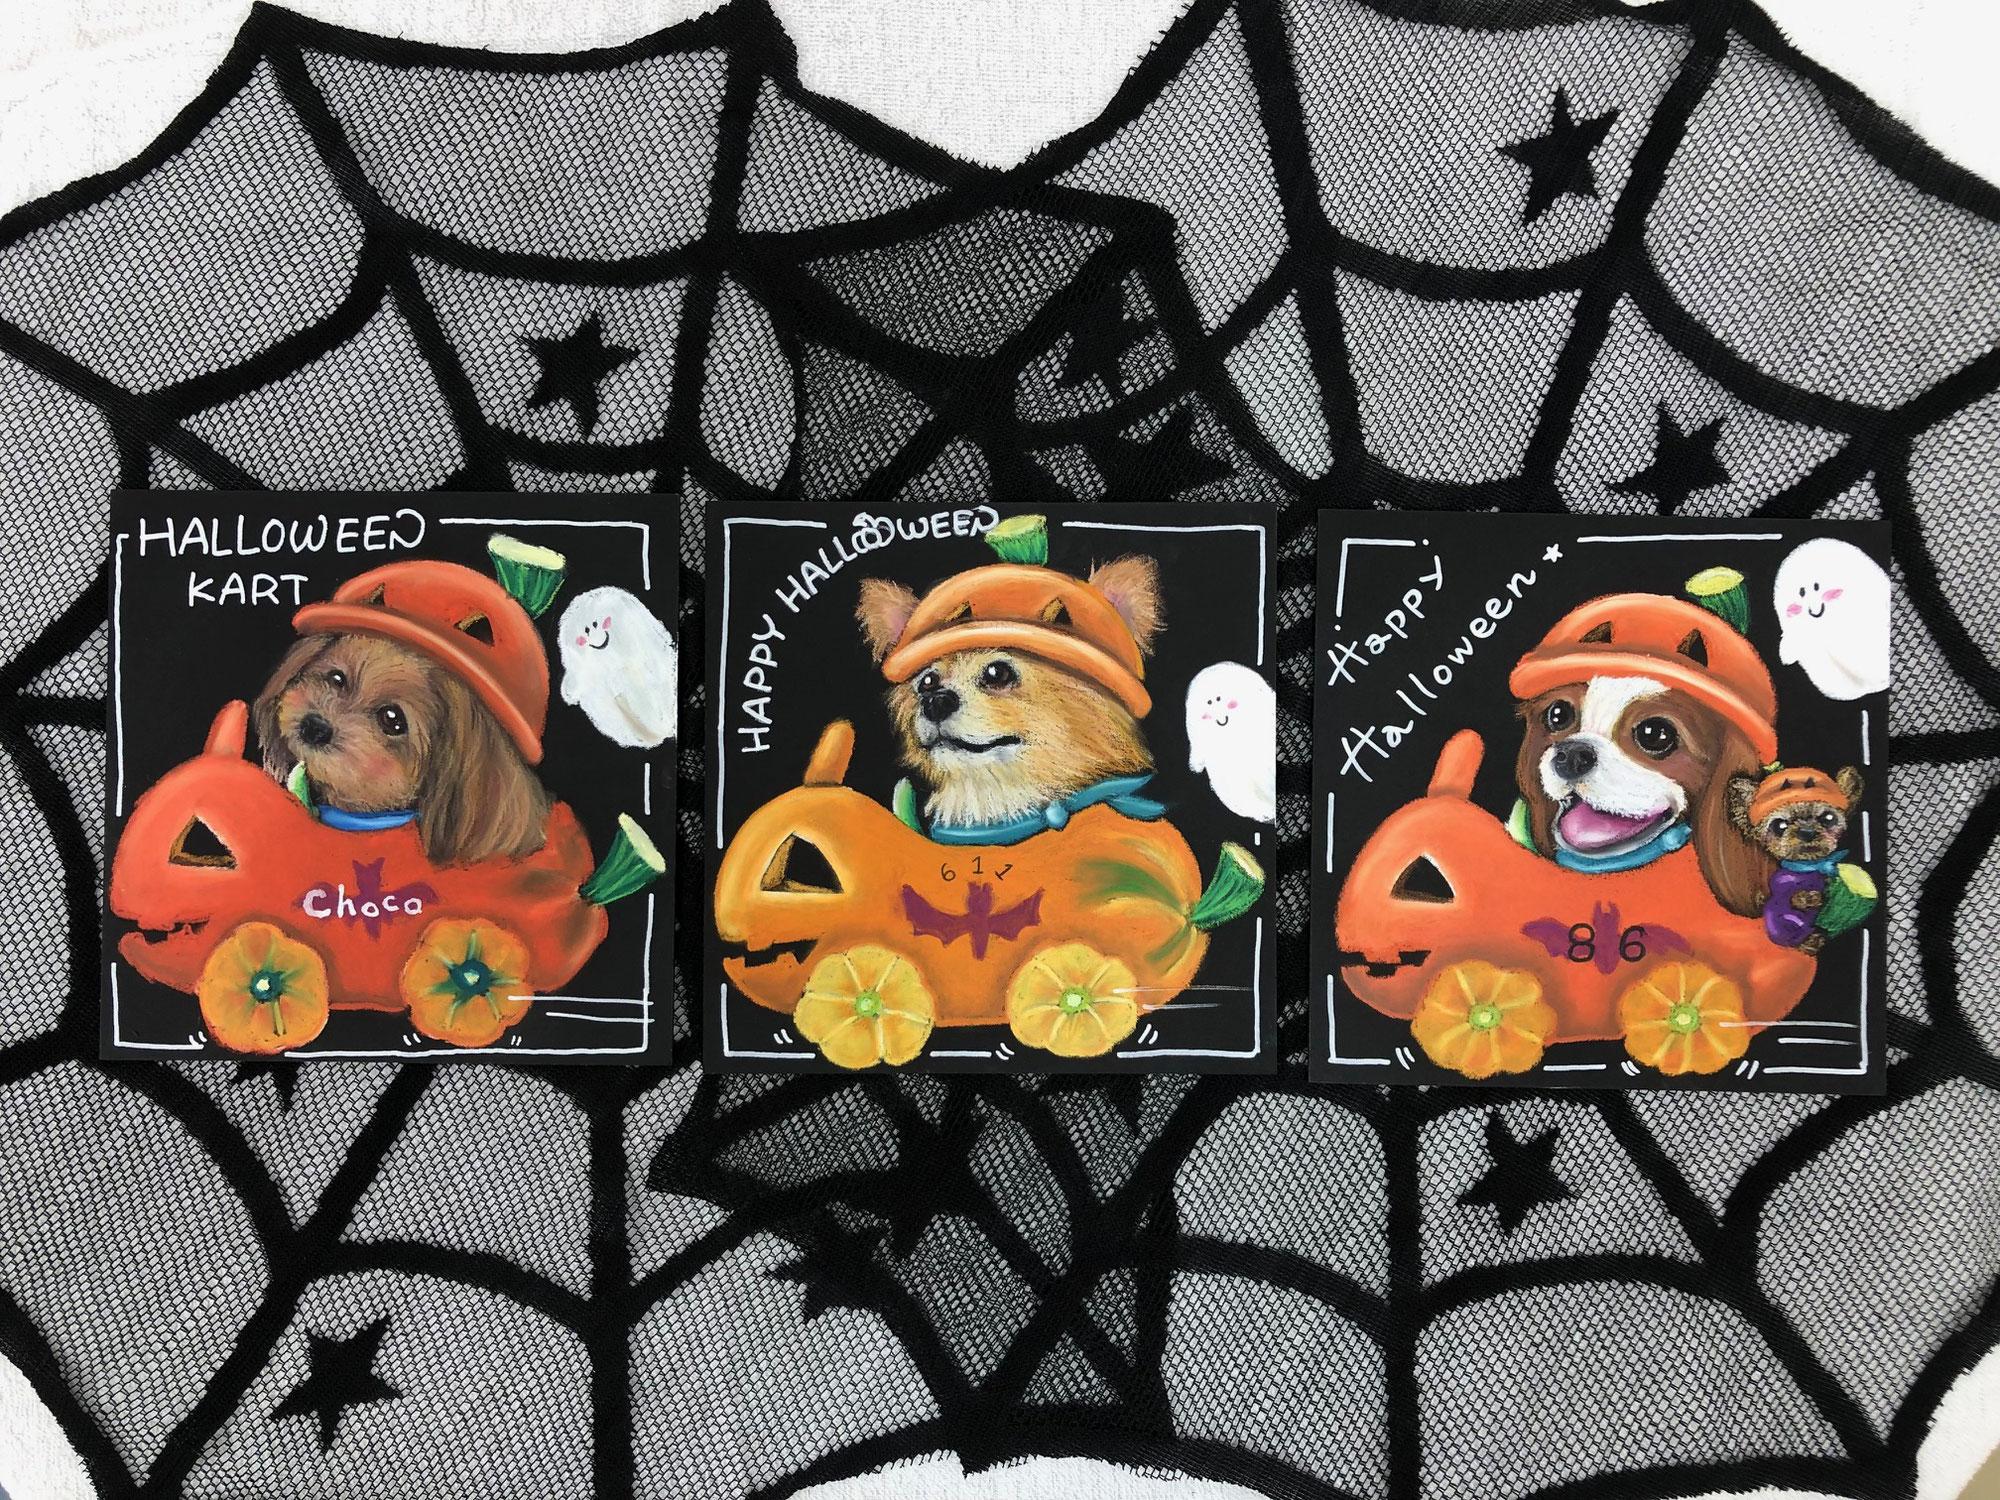 《チョークアートぷちレッスン》開催しました~♪【ALOHA塾】  犬のしつけ教室@アロハドギー